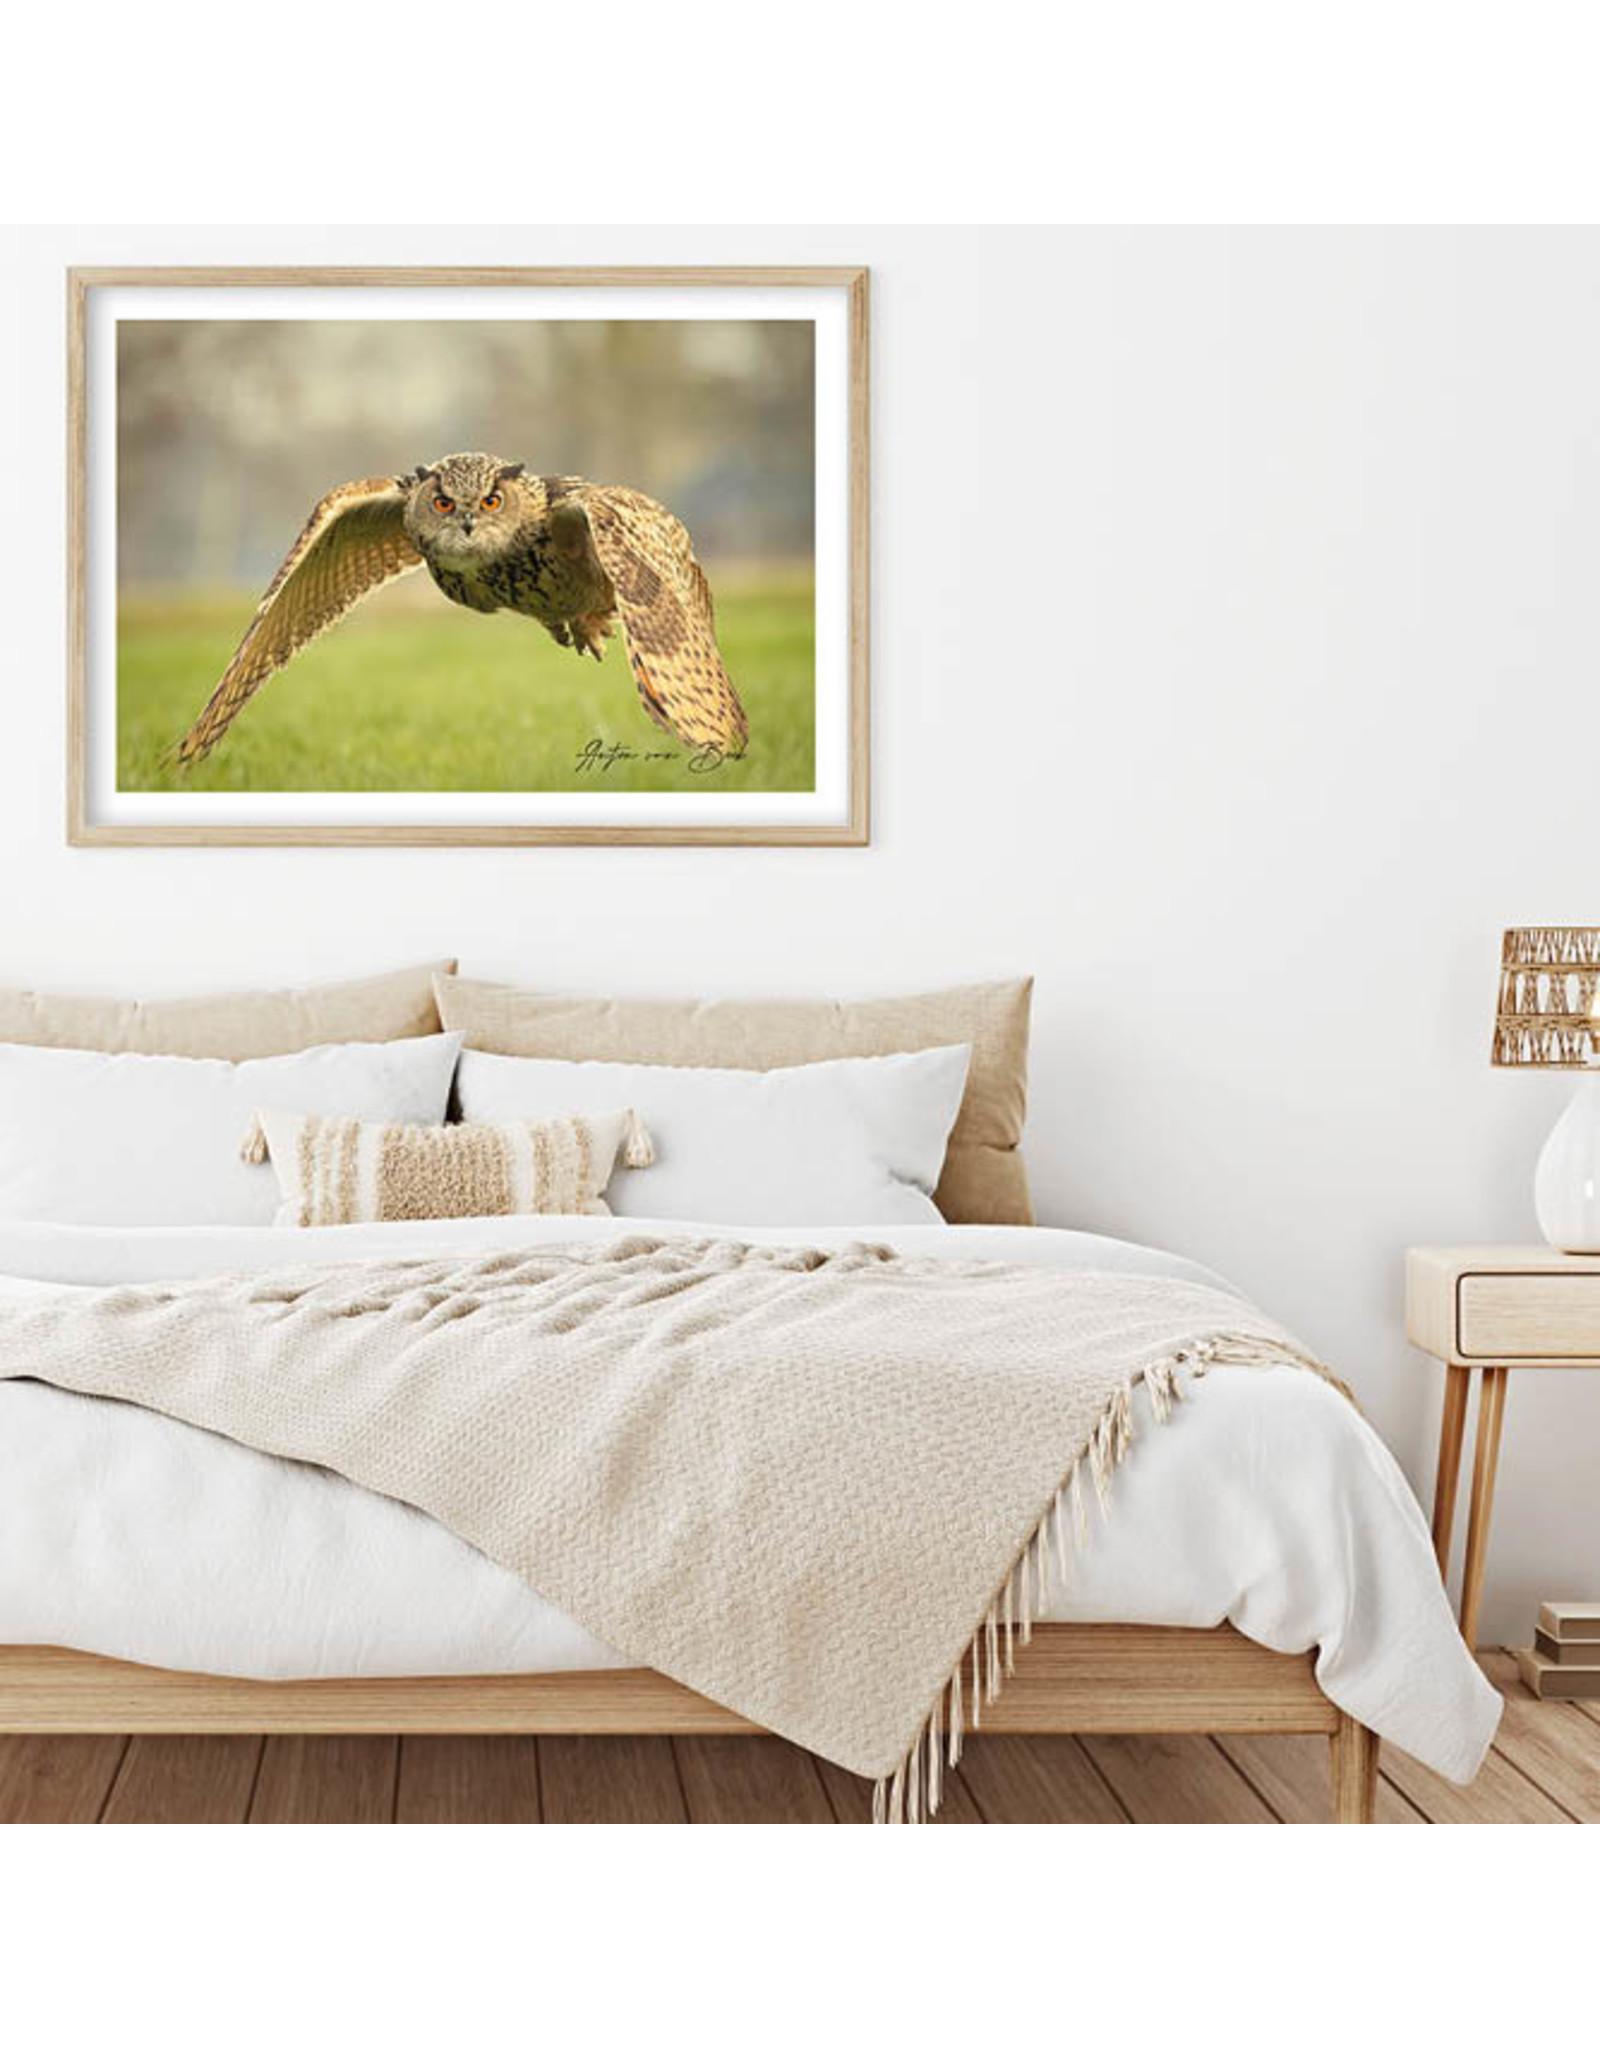 Dunnebier Home Poster Oehoe - Anton van Beek Collectie